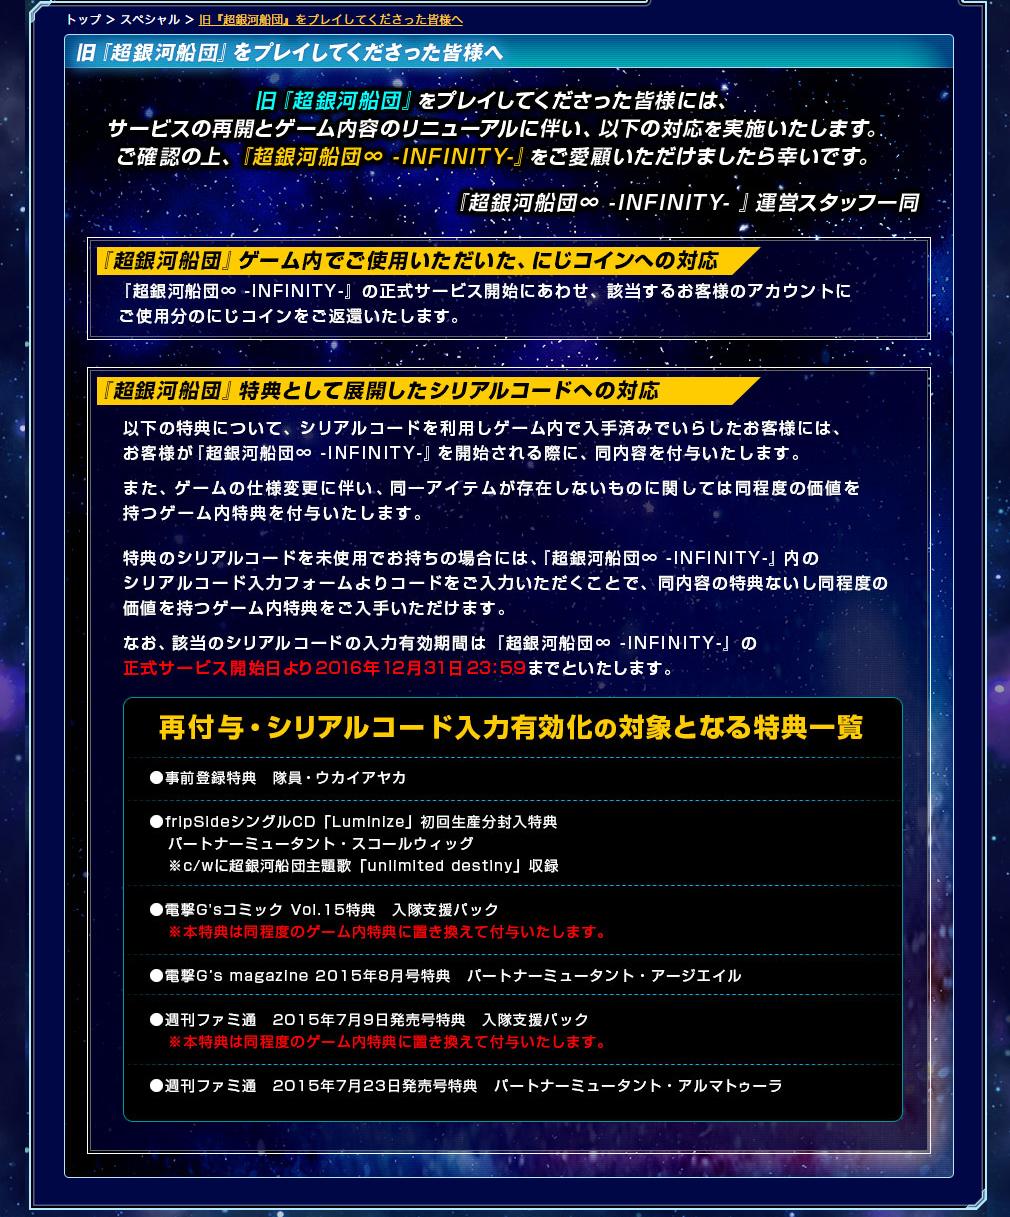 超銀河船団∞インフィニティ 旧「超銀河船団」プレイヤーの方へのお詫び